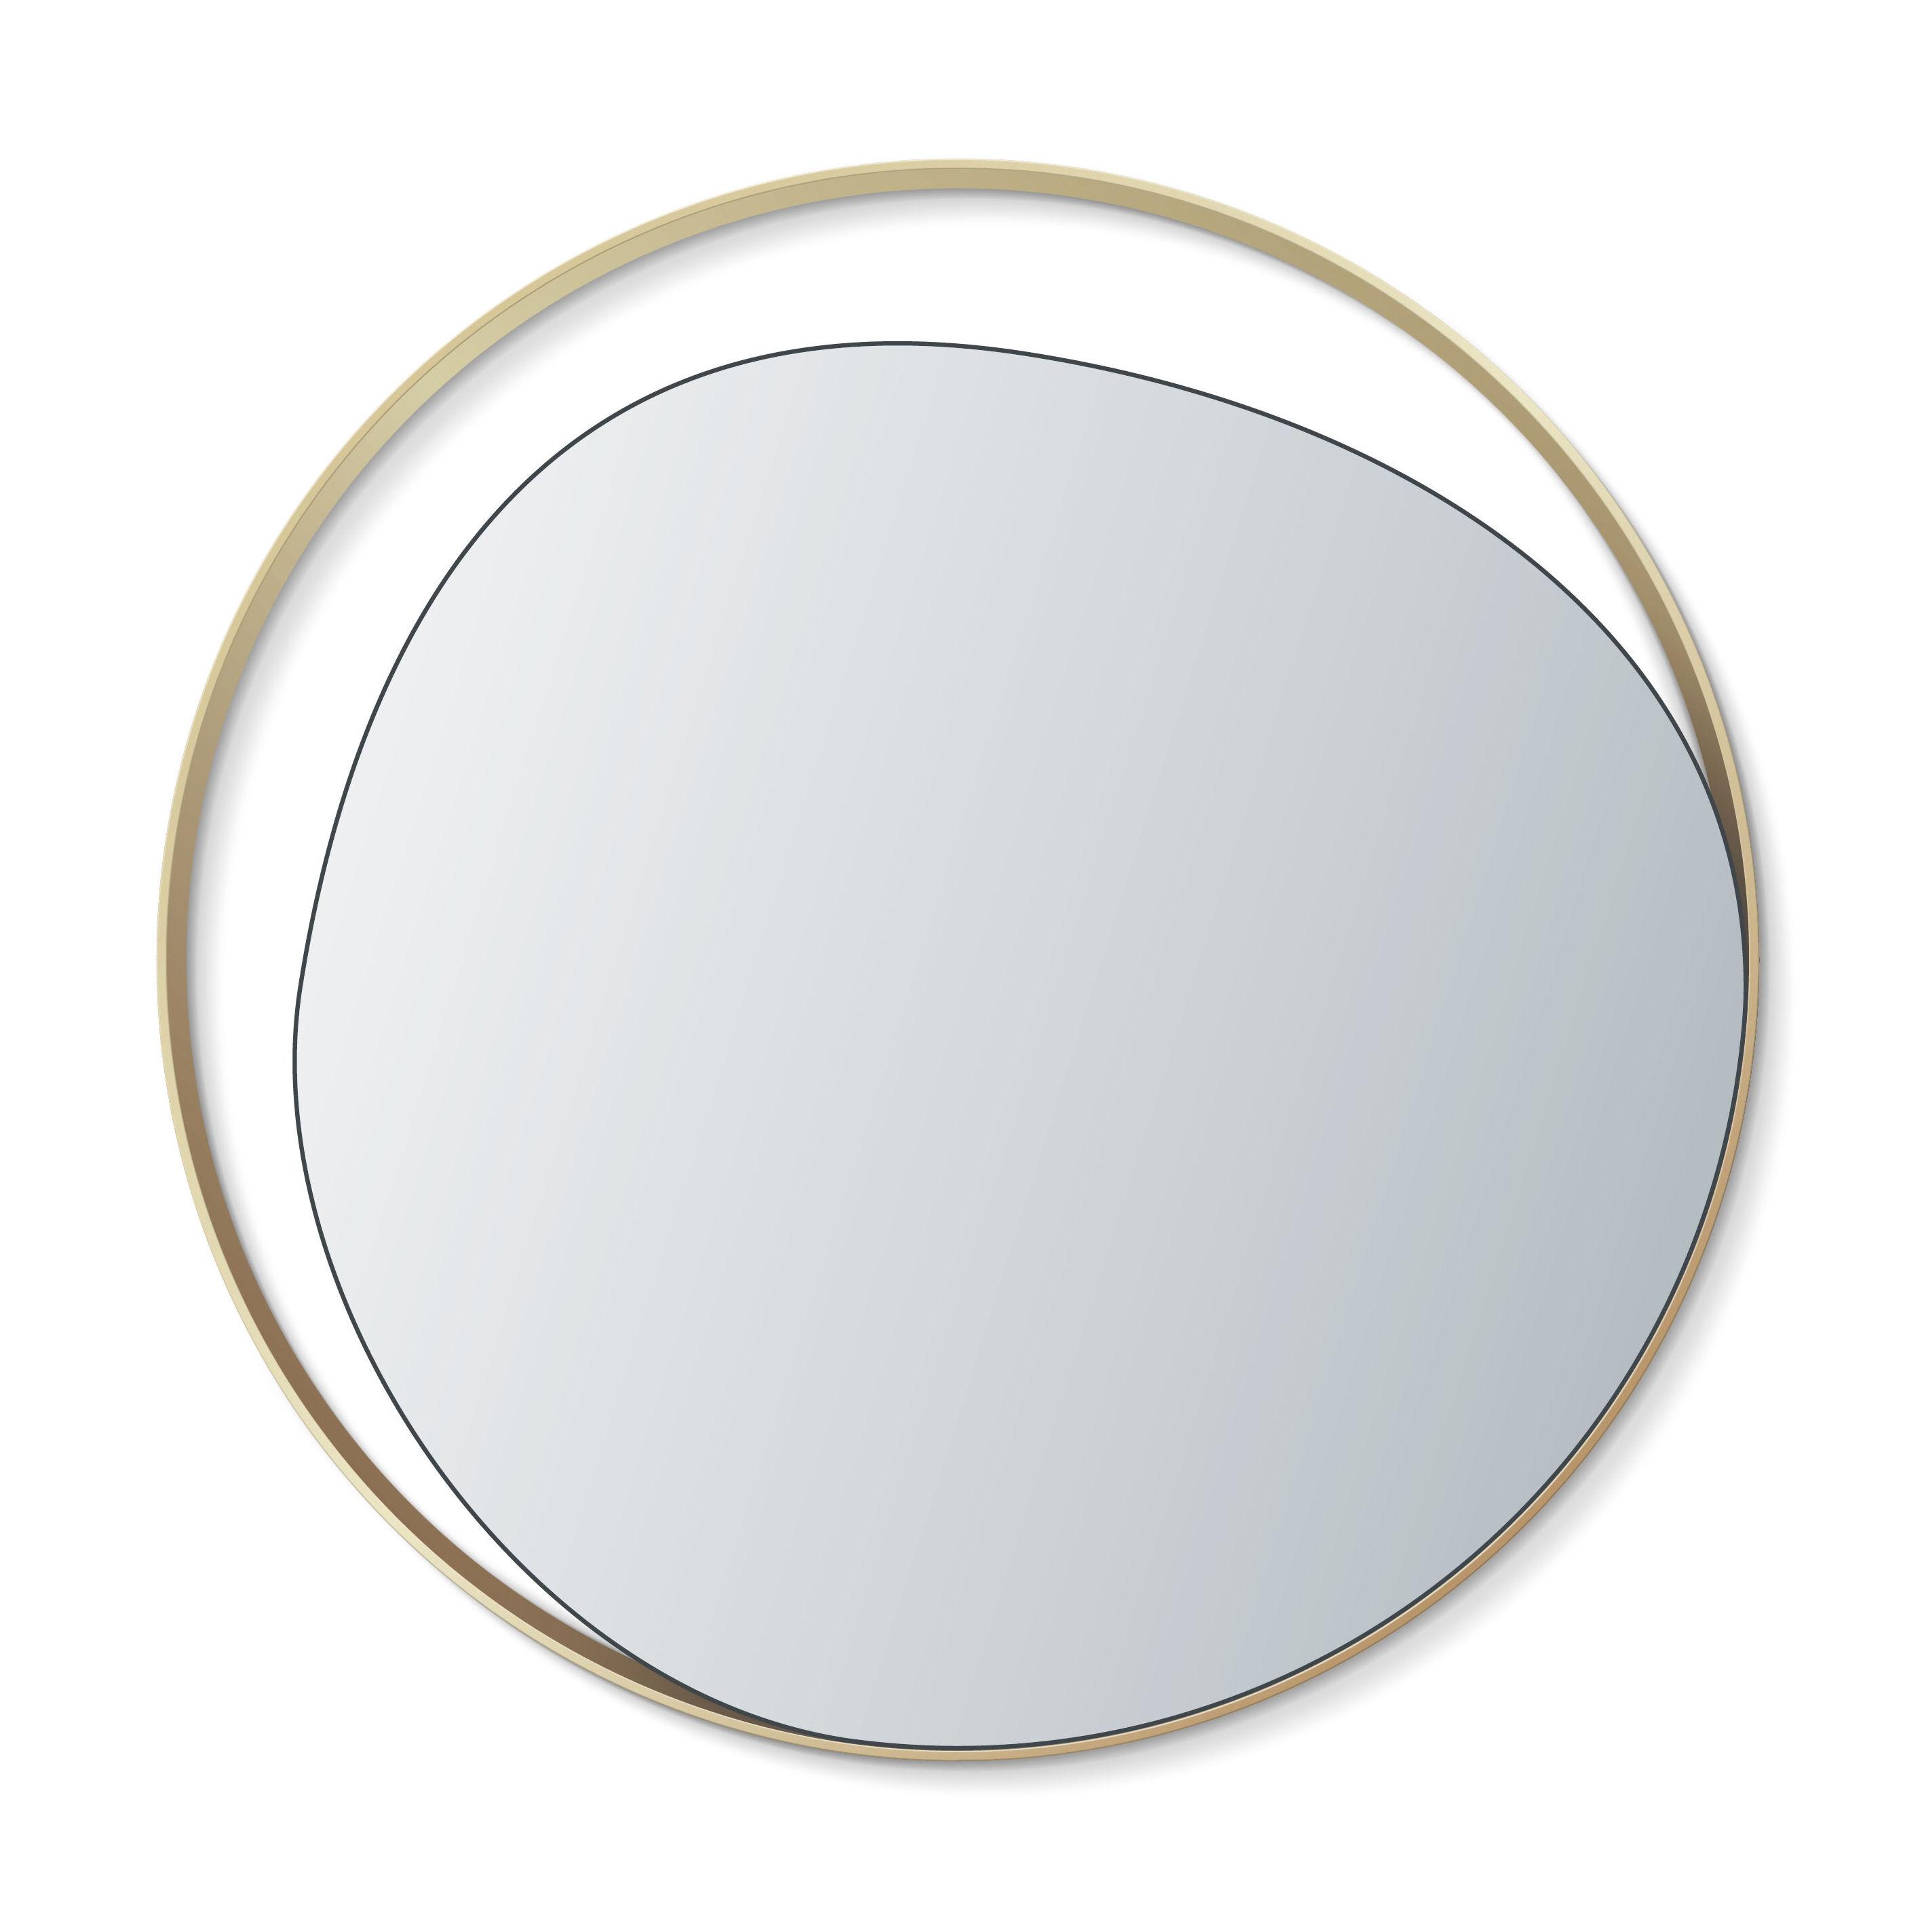 Déco - Miroirs - Miroir mural Ellipse / Ø 80 cm - RED Edition - Miroir argent / Laiton - Bois, Laiton, Verre